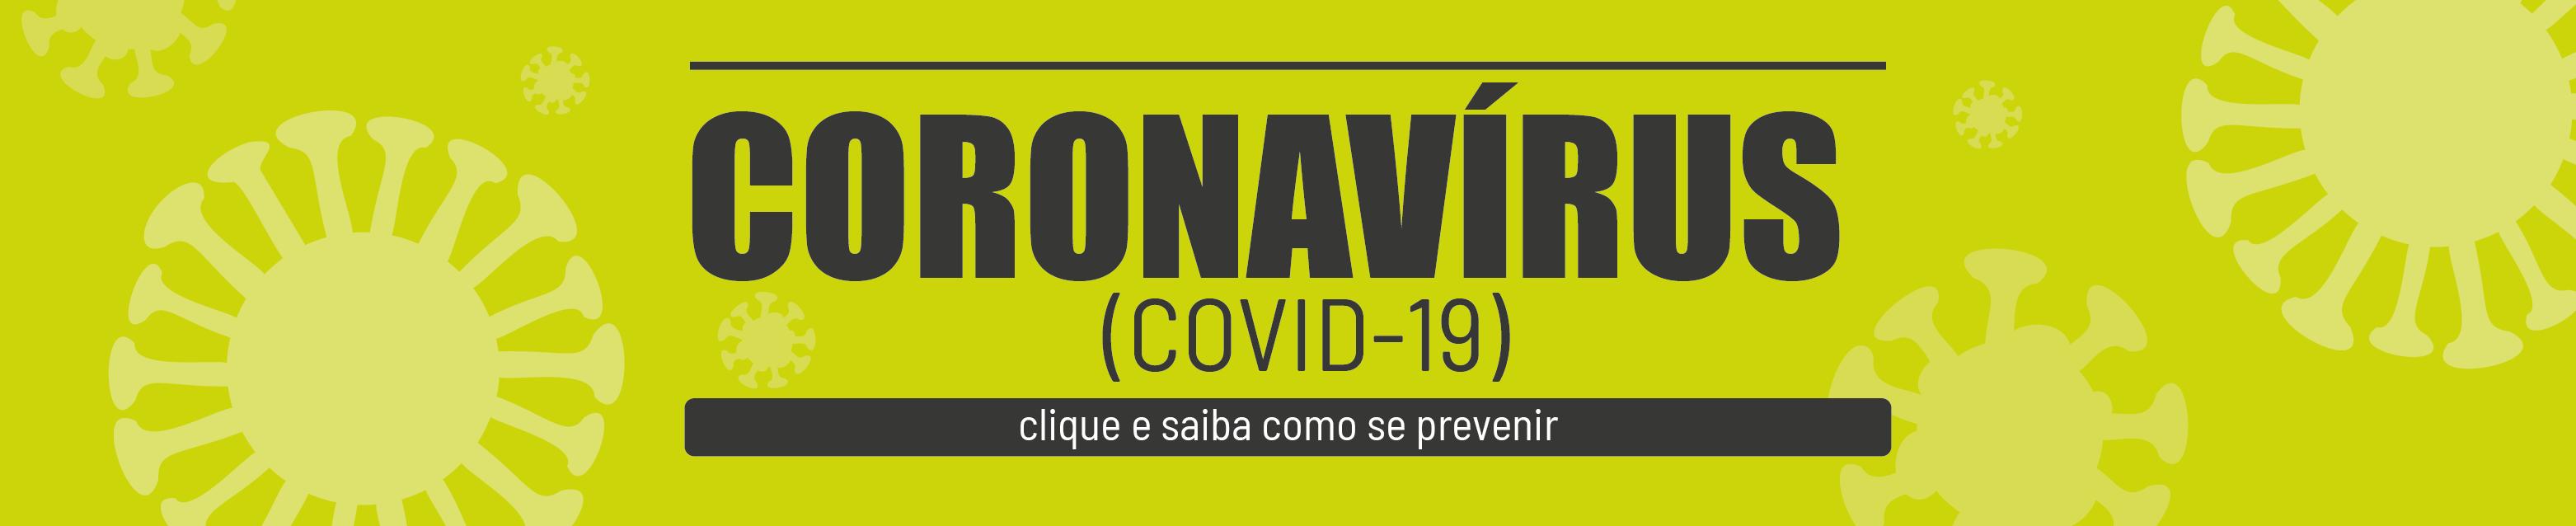 Coronavírus [COVID-19]